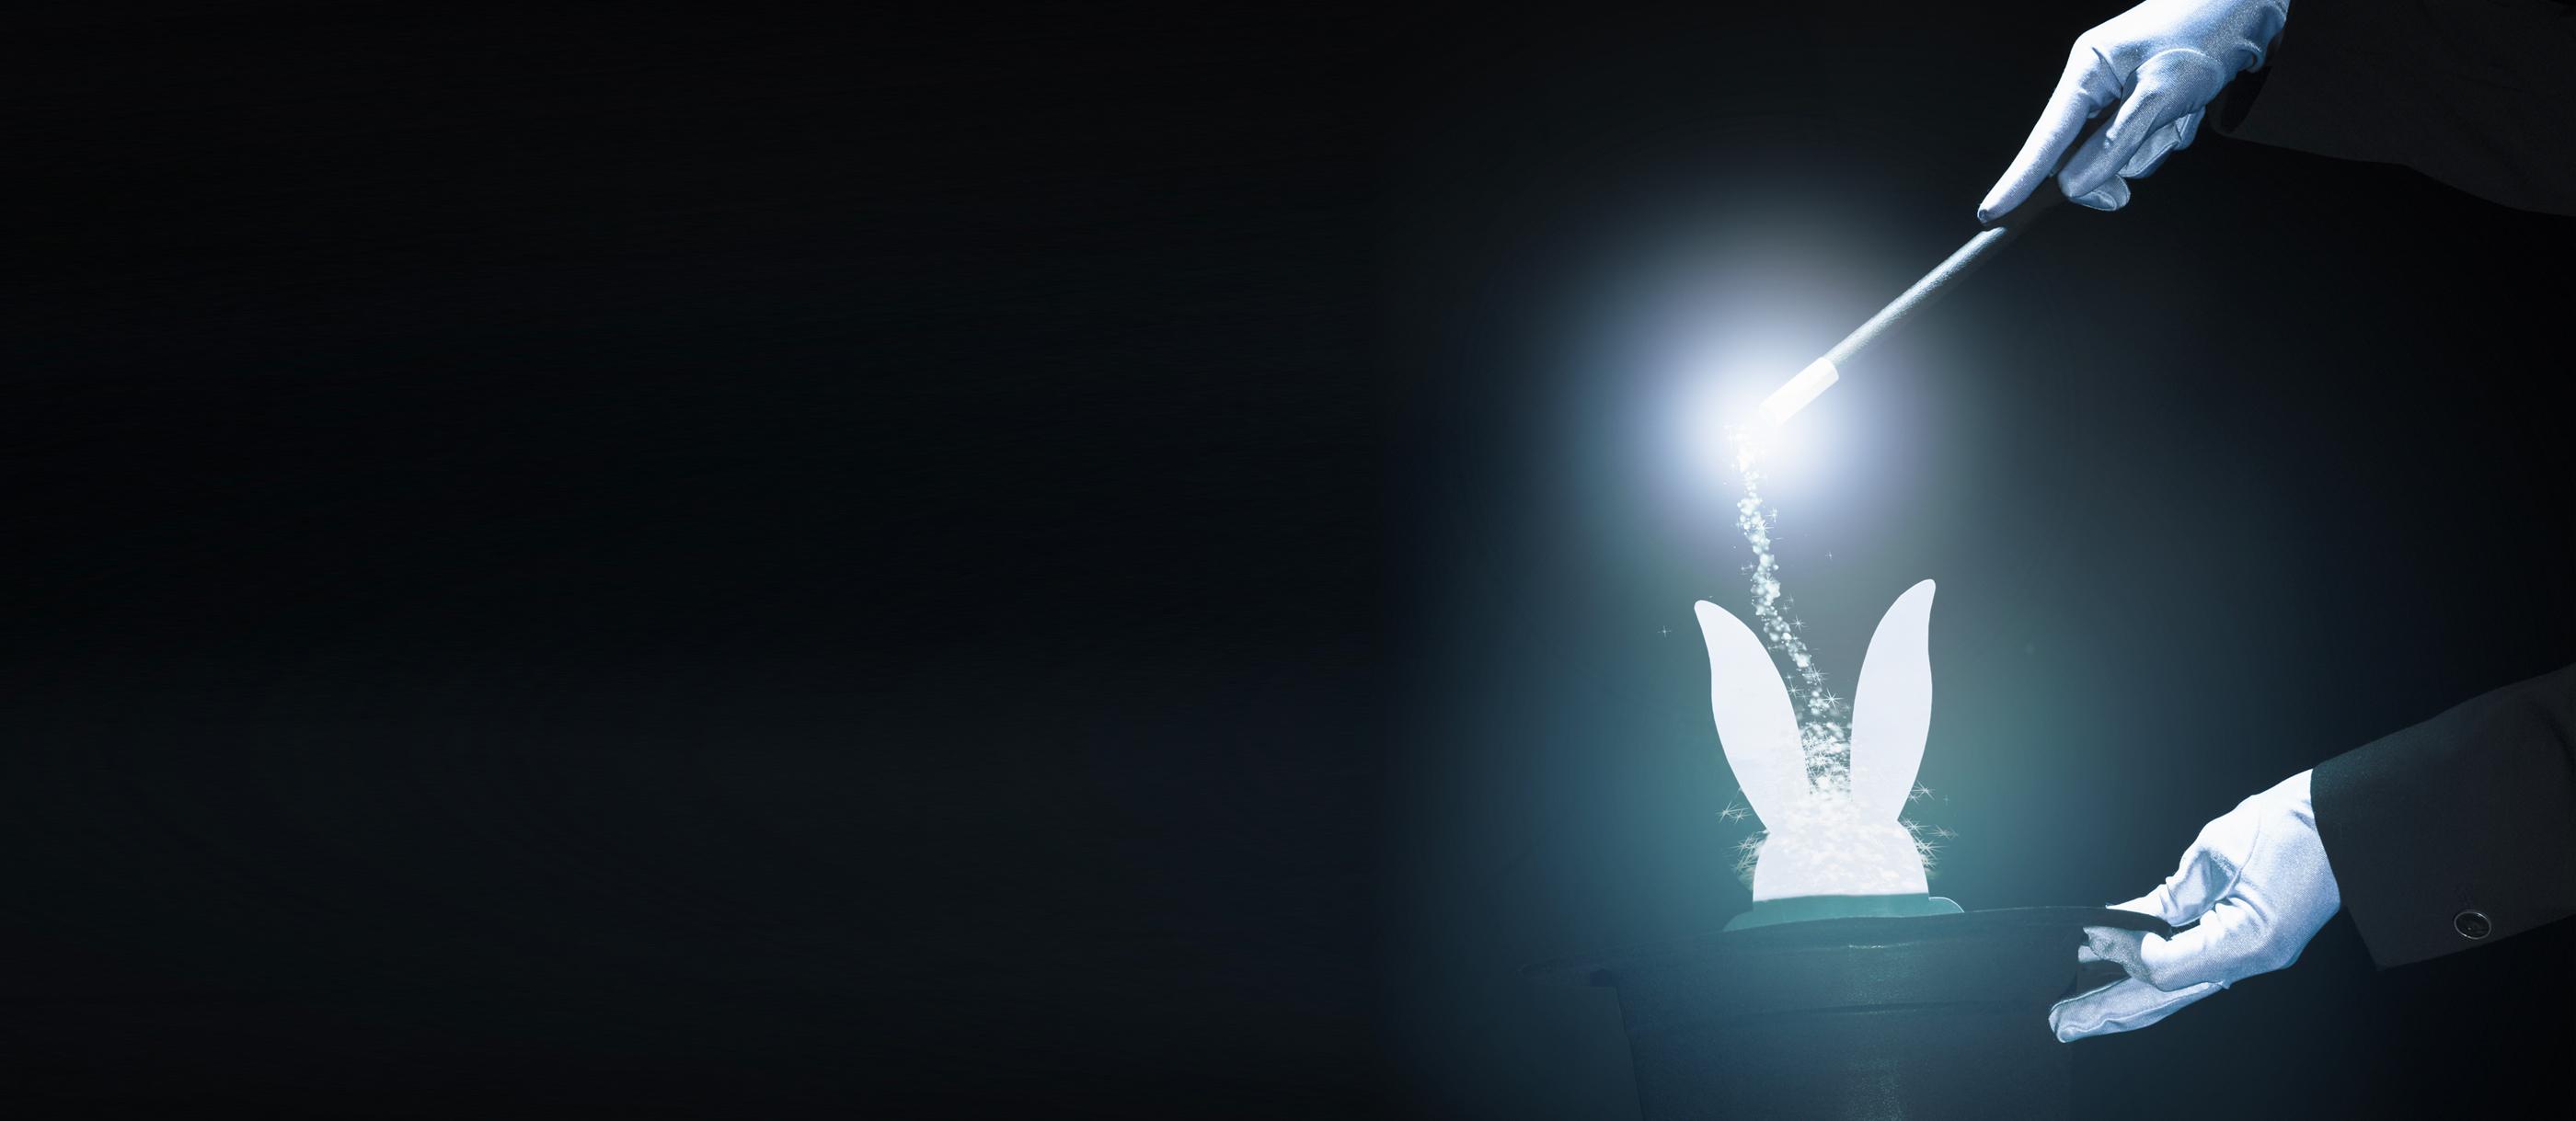 hoax-marketing-video-blog-lapinoalbino